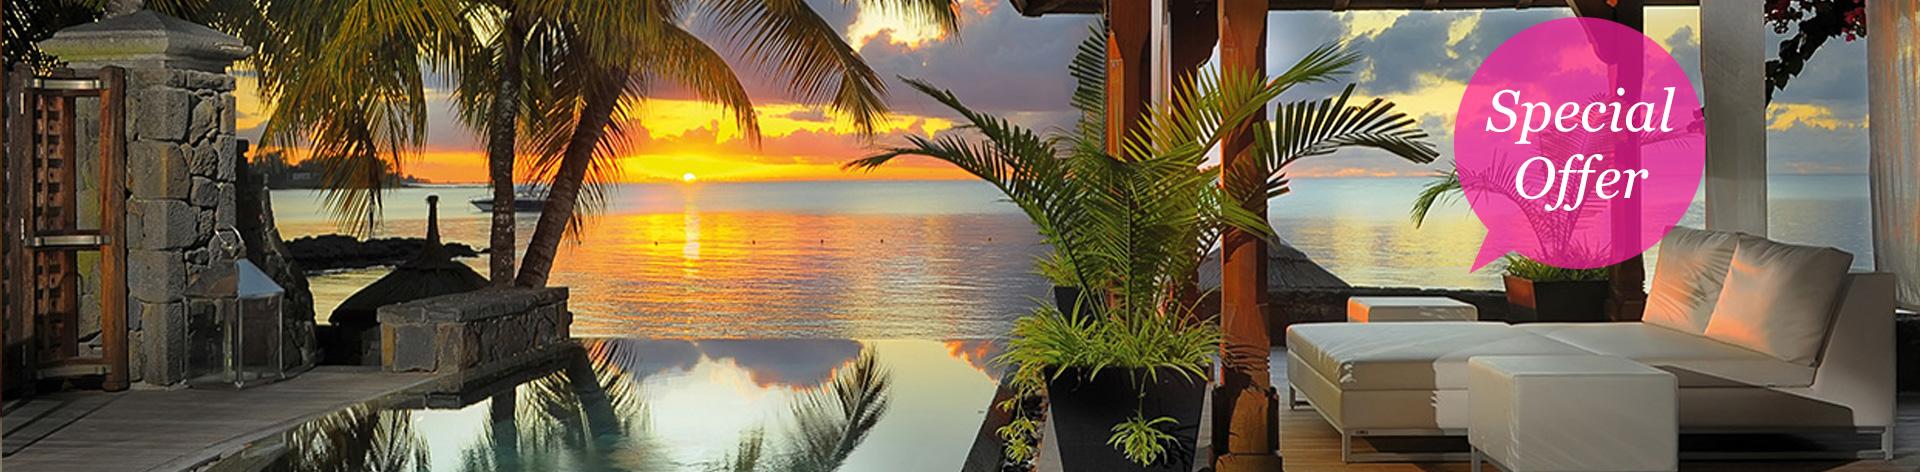 入住皇家棕榈毛里求斯酒店享八折优惠